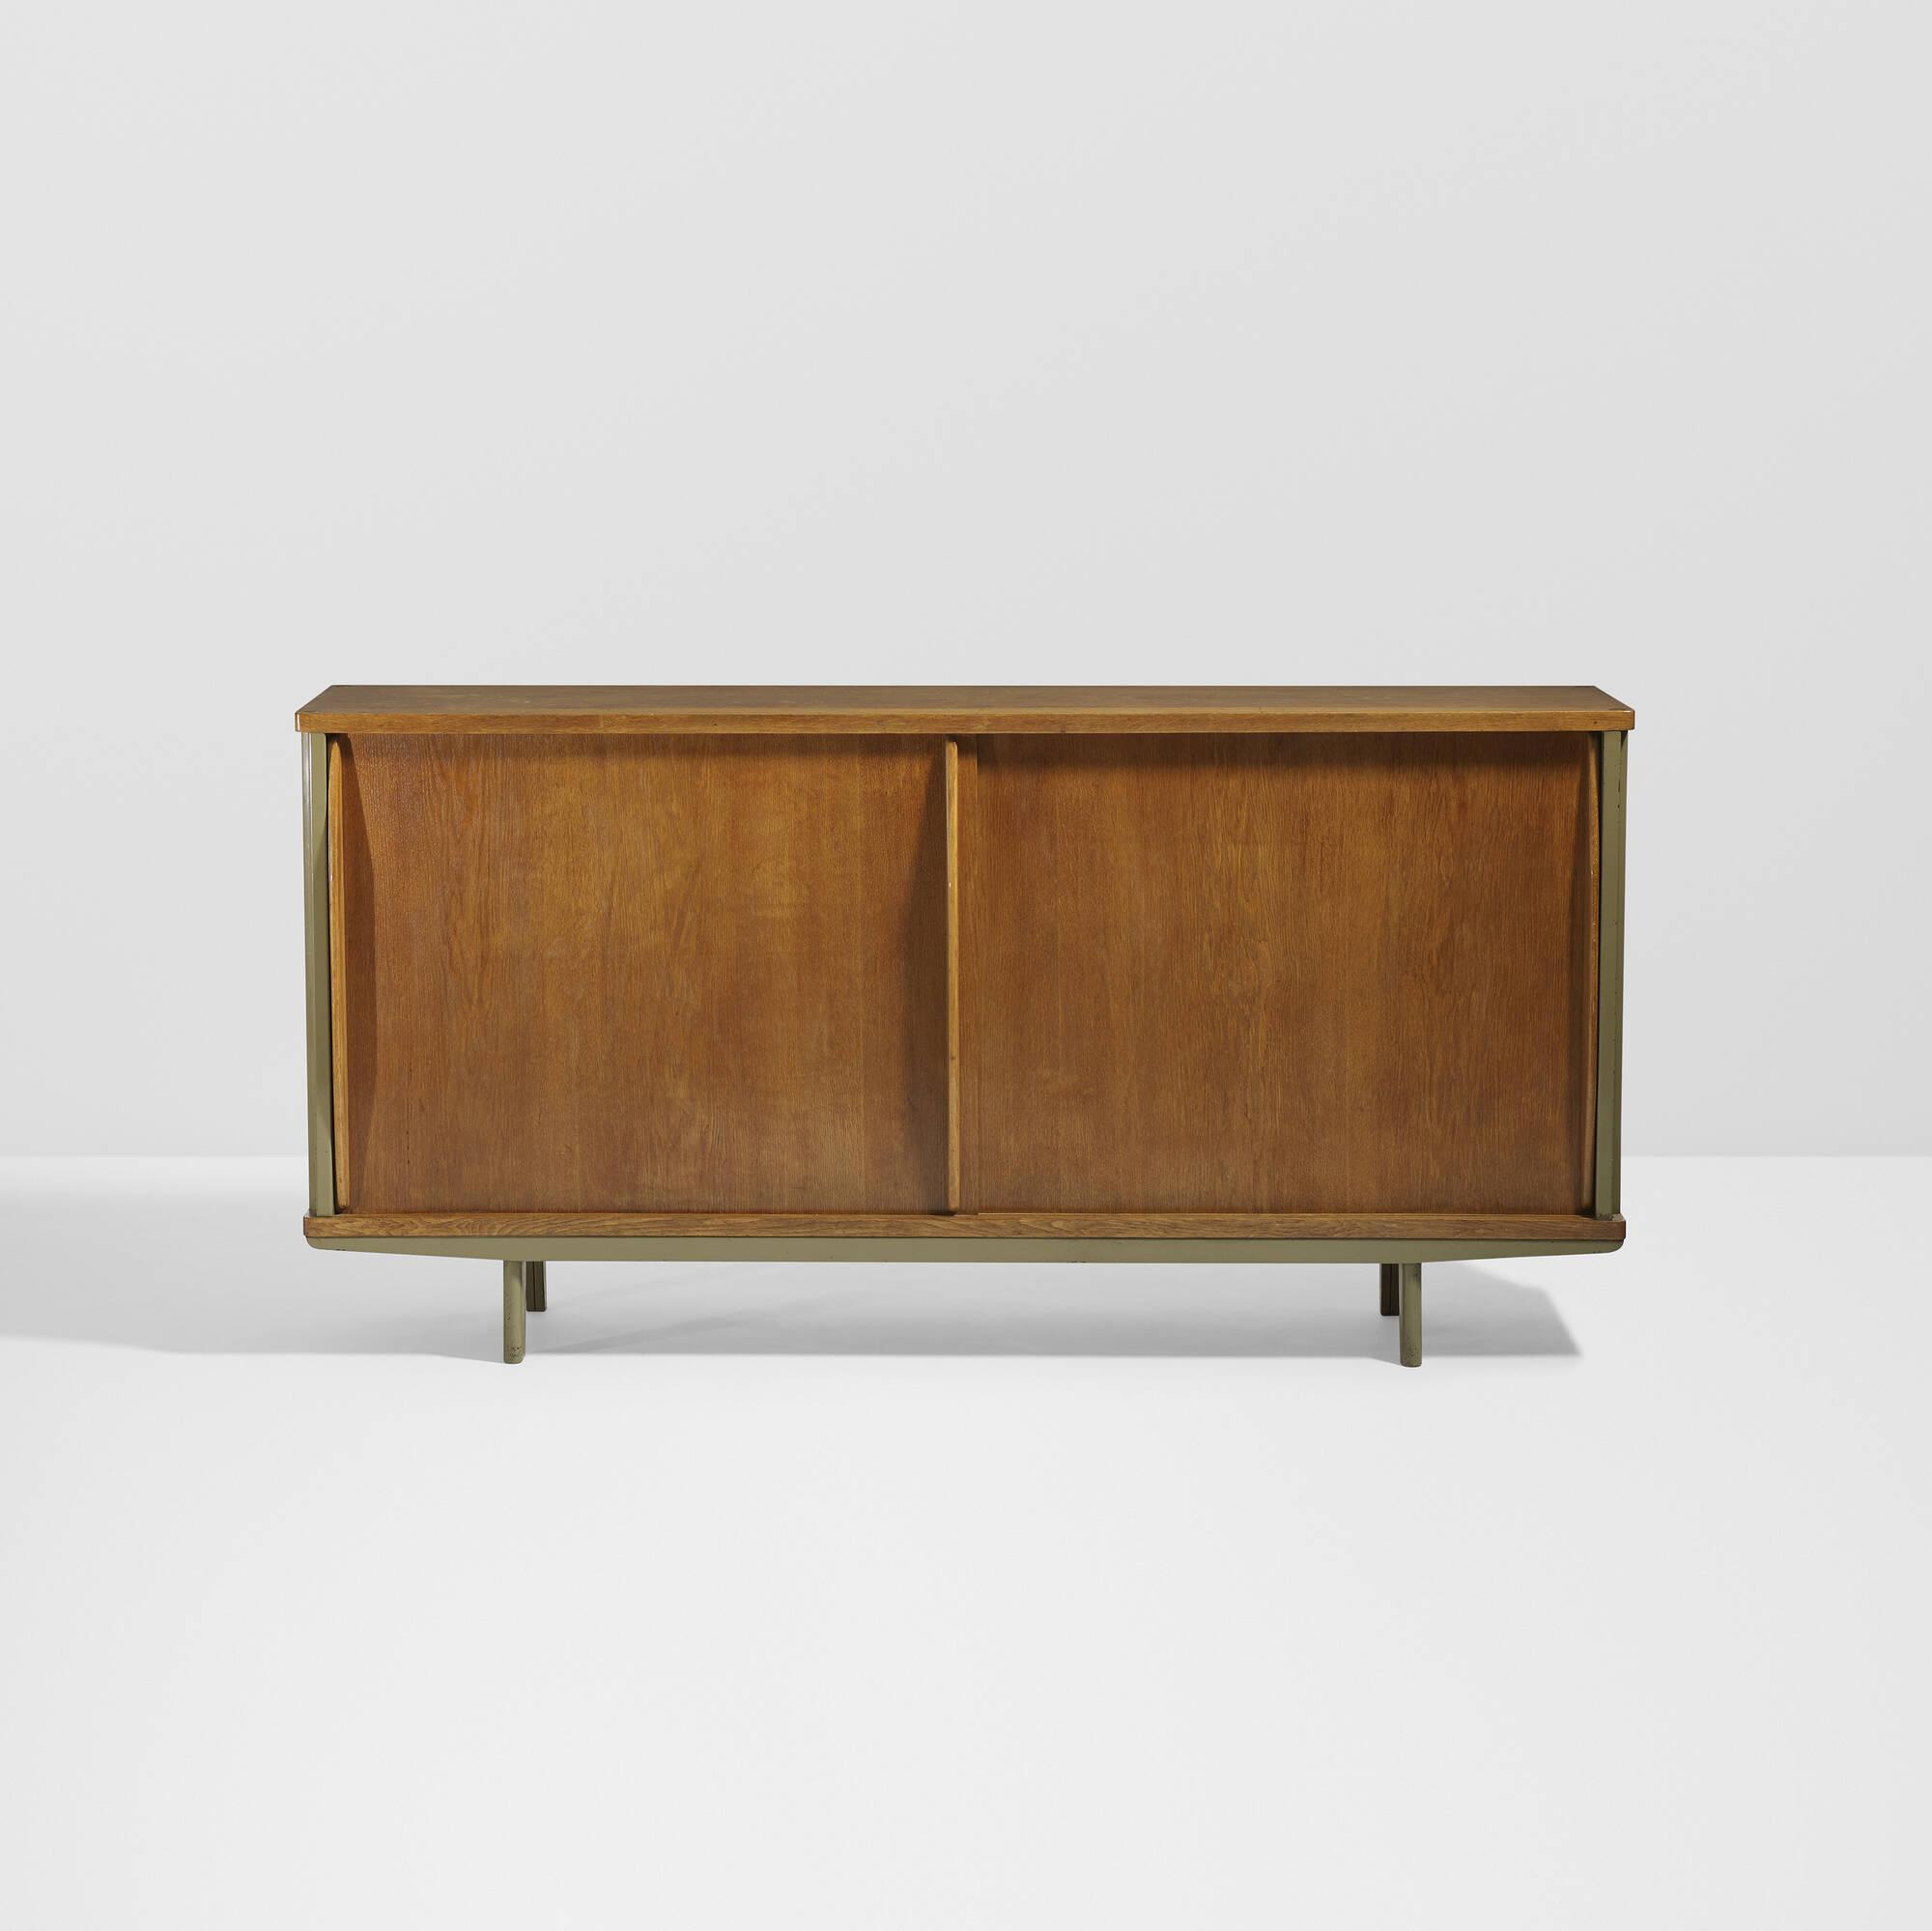 17: Jean Prouvé / Important cabinet, no. 150 < Design Masterworks ...